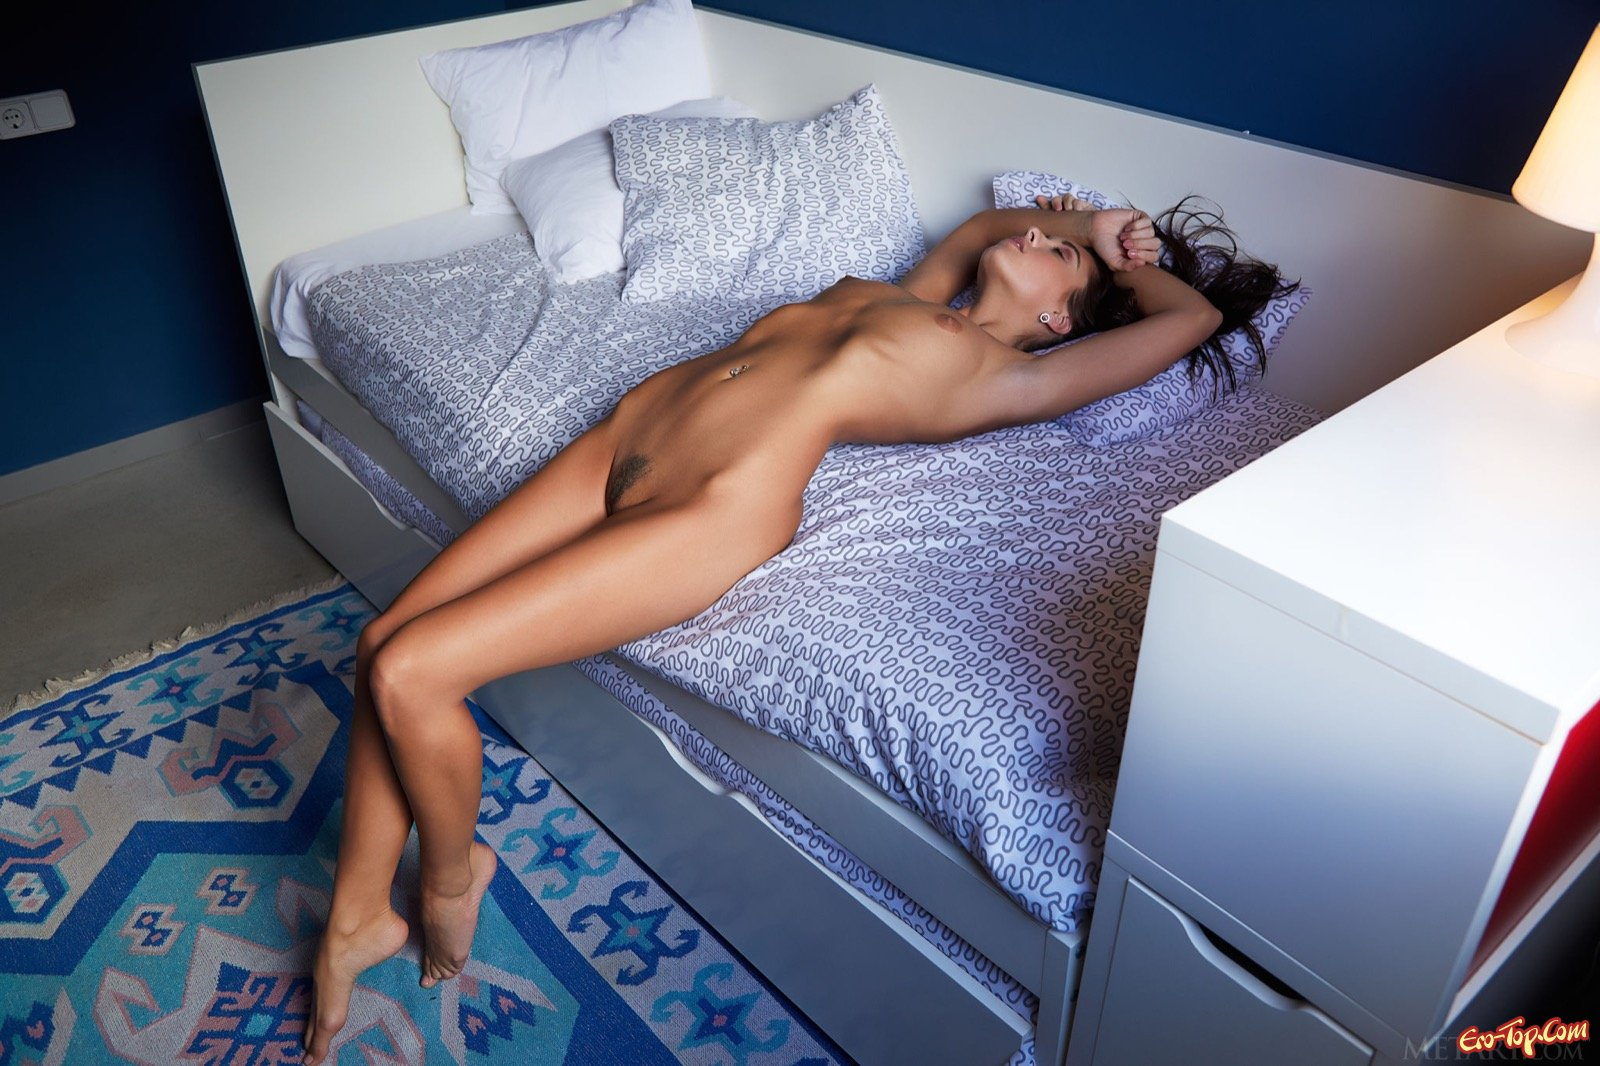 Сексапильная красавица раздвигает стройные ноги